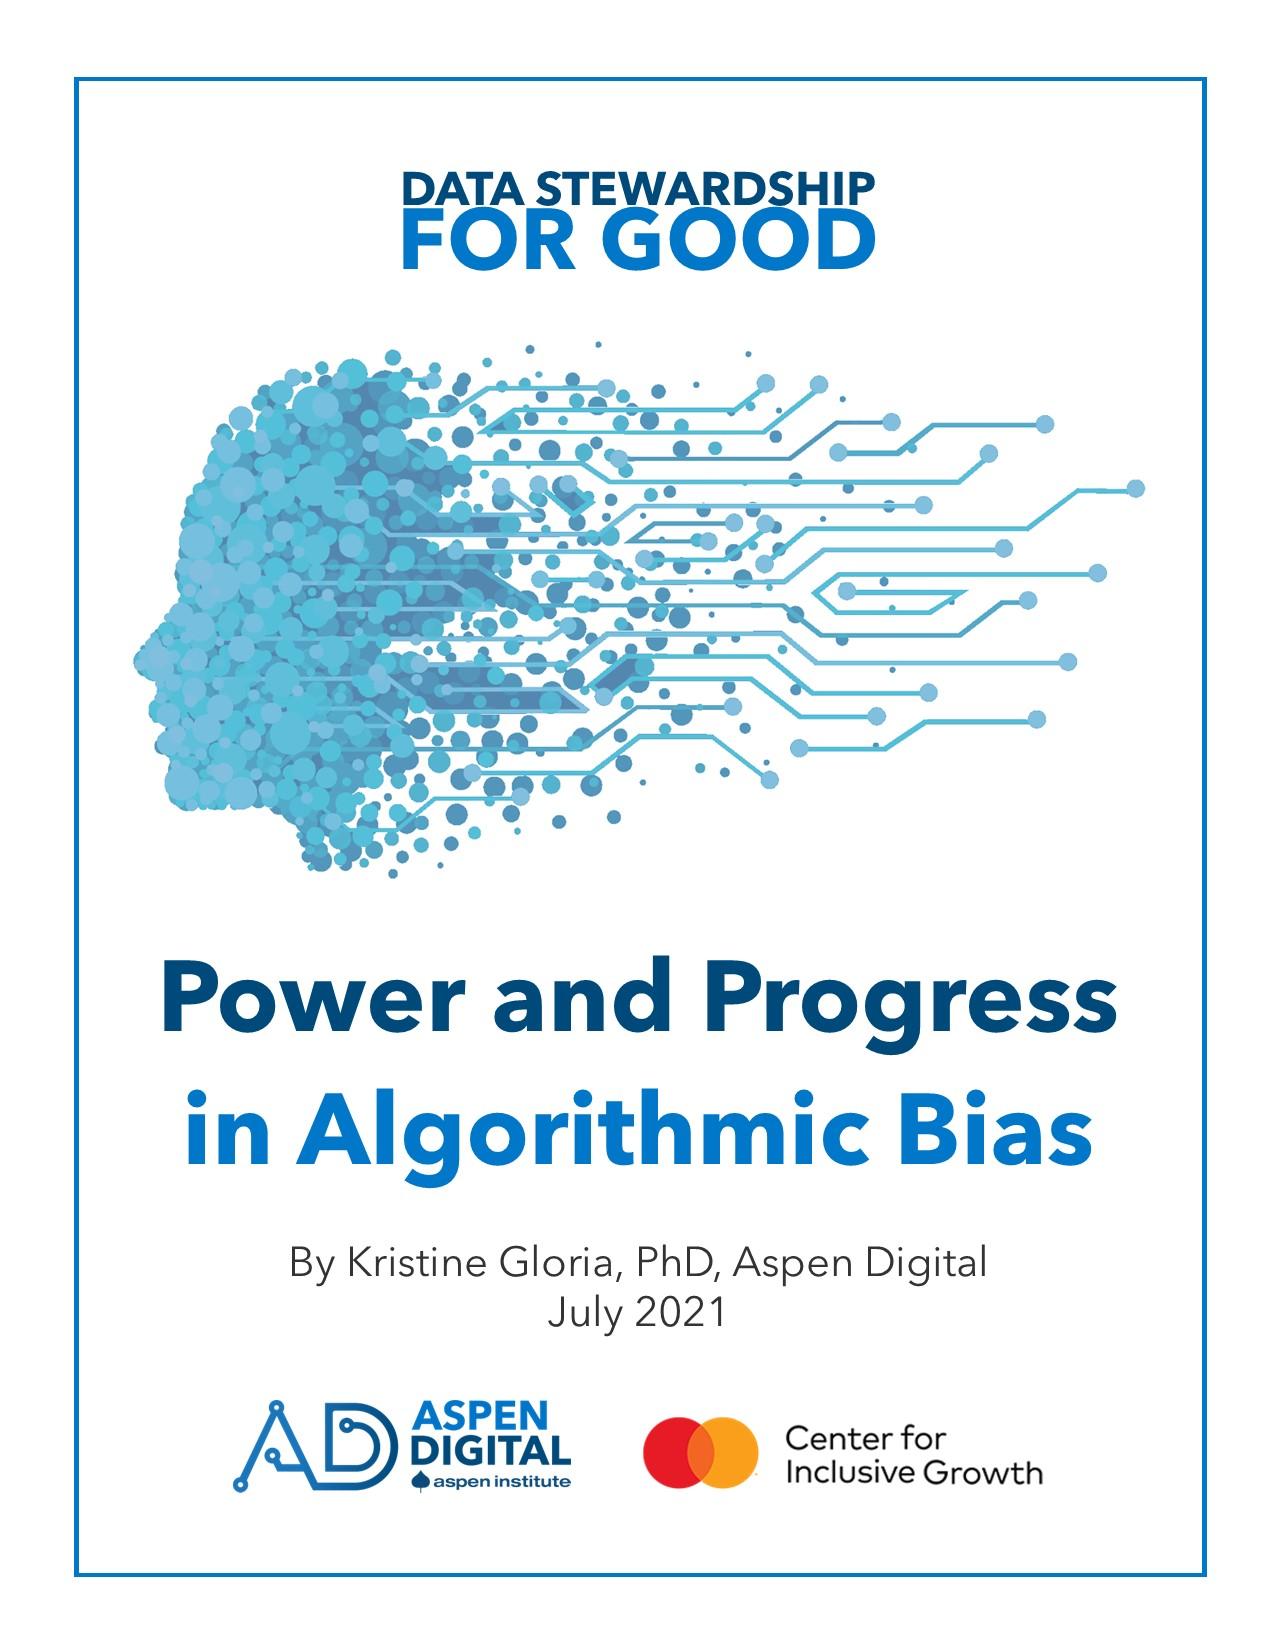 Algorithmic Bias